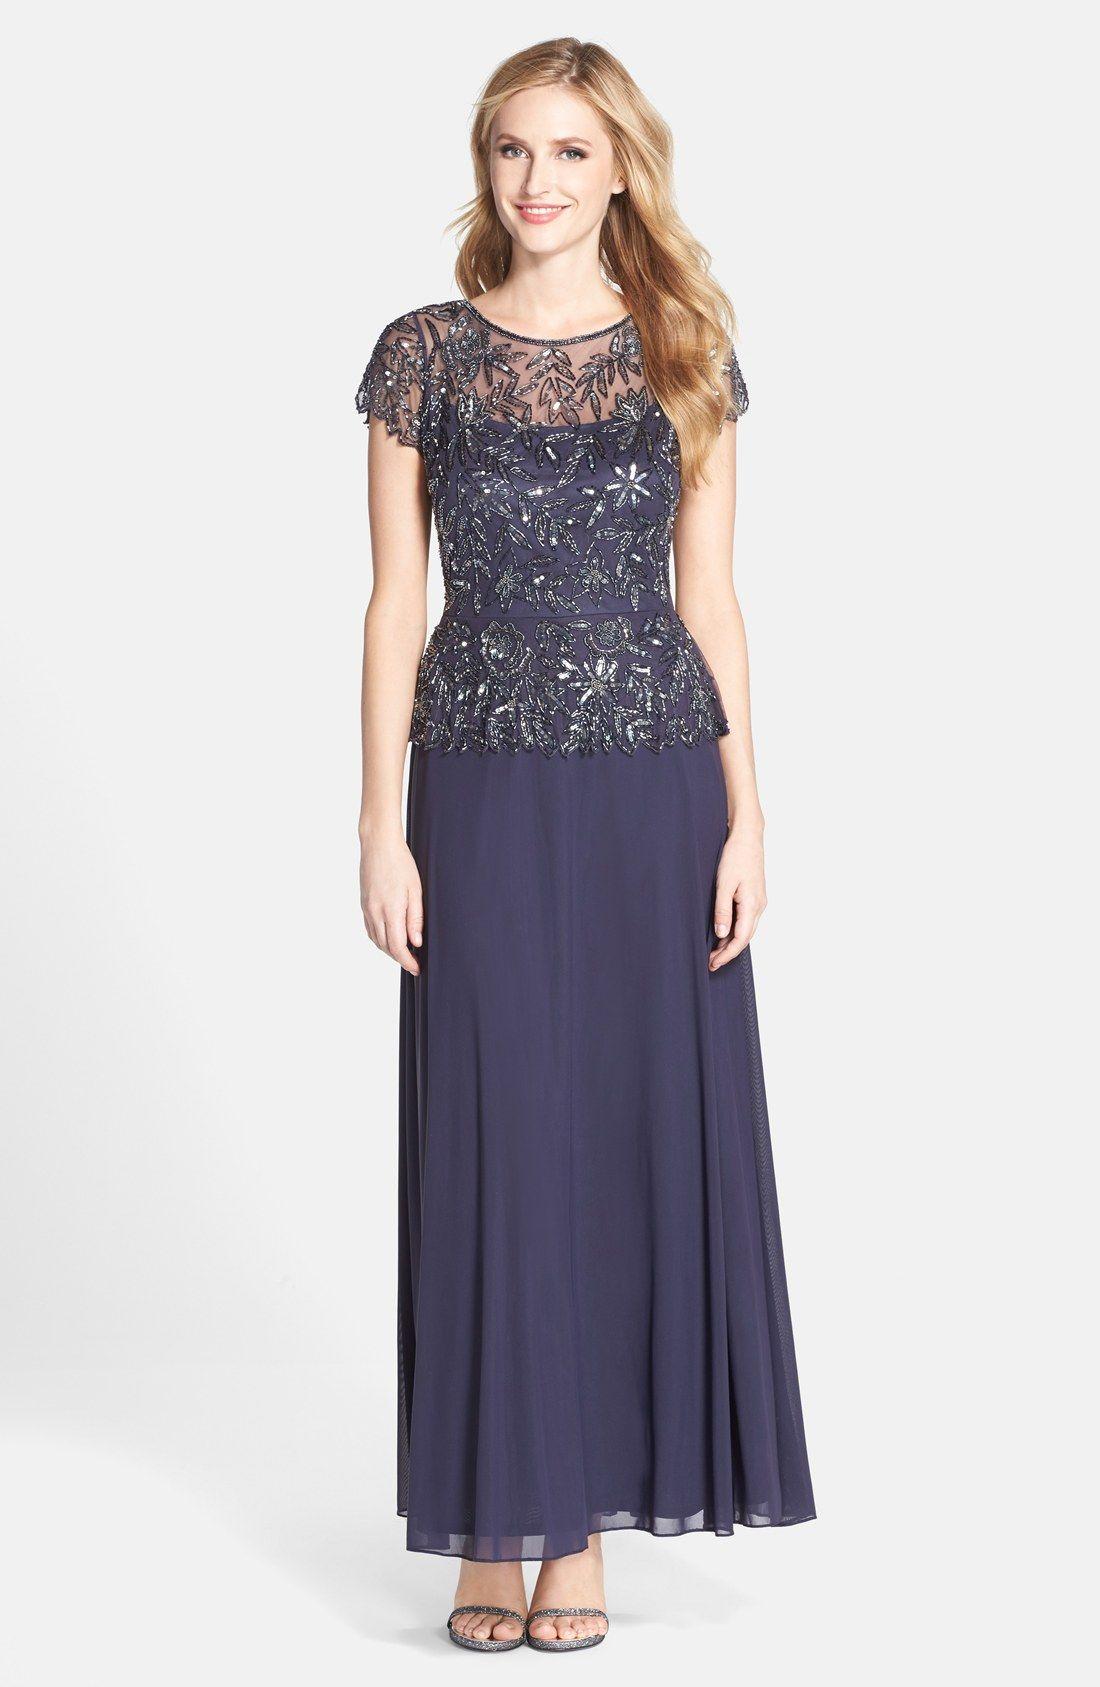 Pisarro Nights Beaded Dress | www.topsimages.com